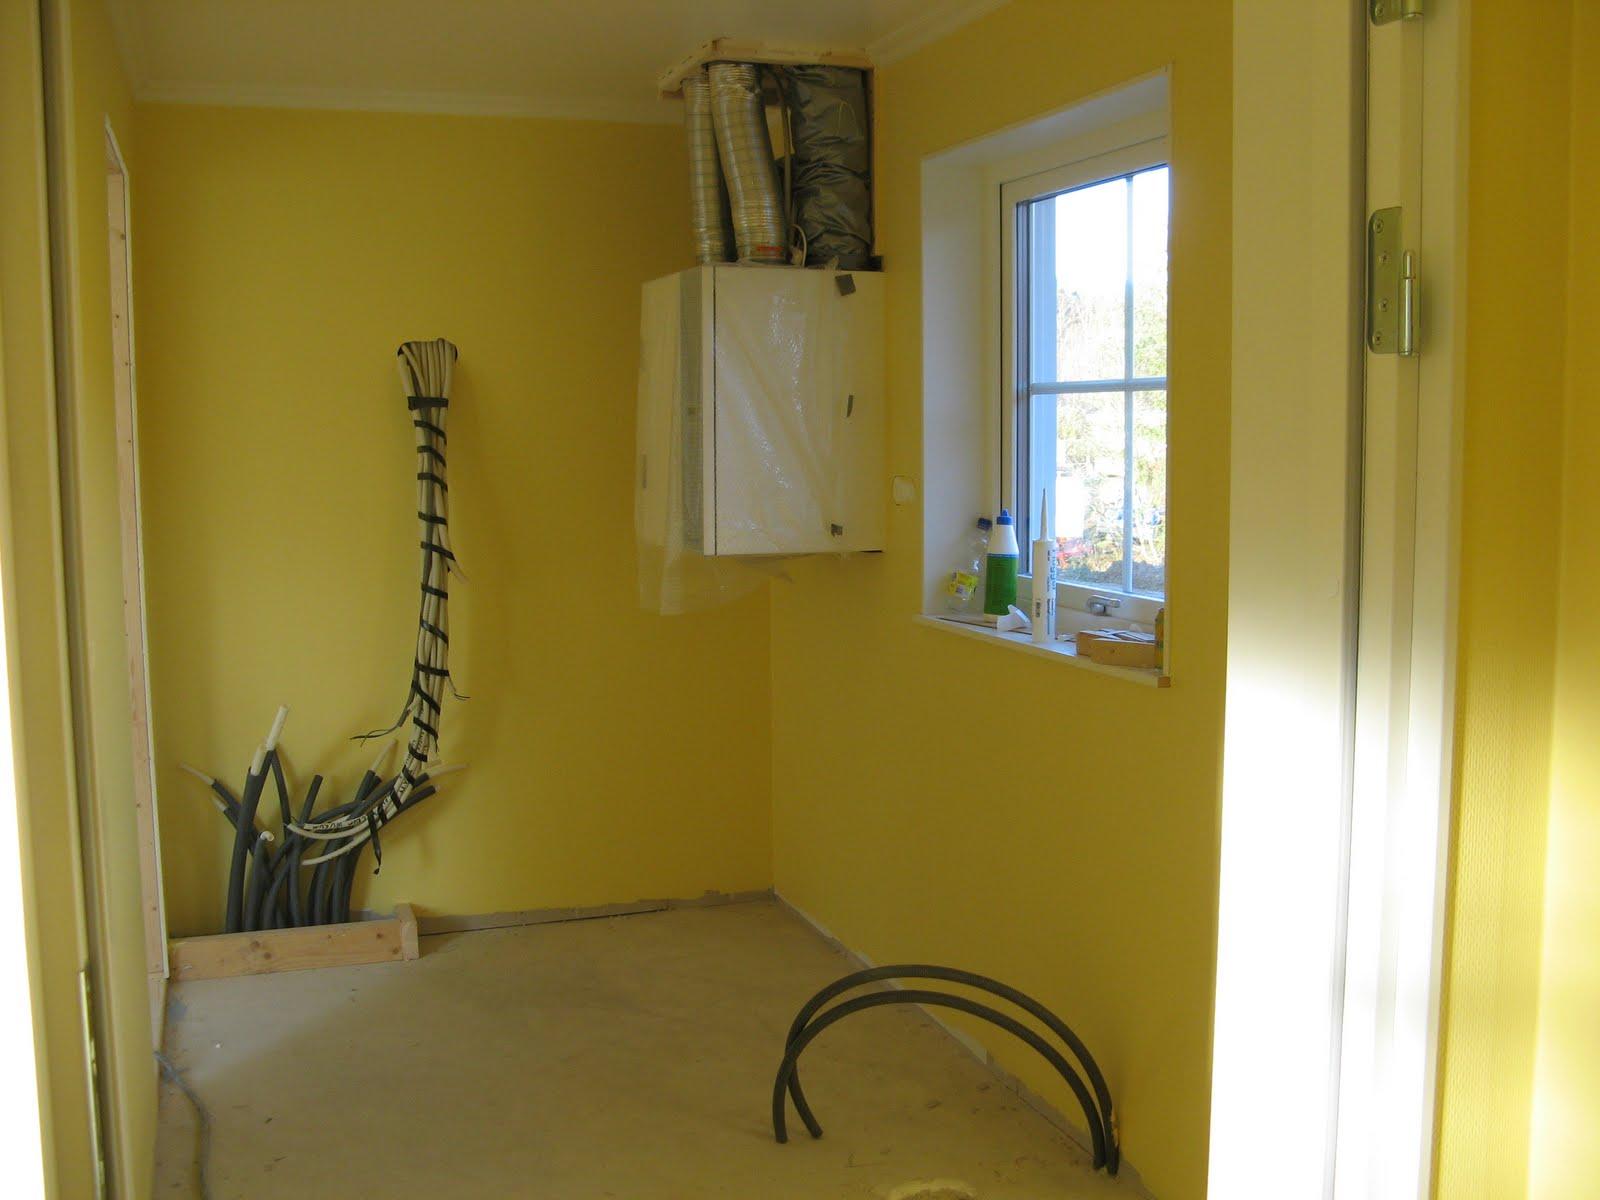 VÃ¥rt nya hem   ett bygge med svenska familjehus: november 2010